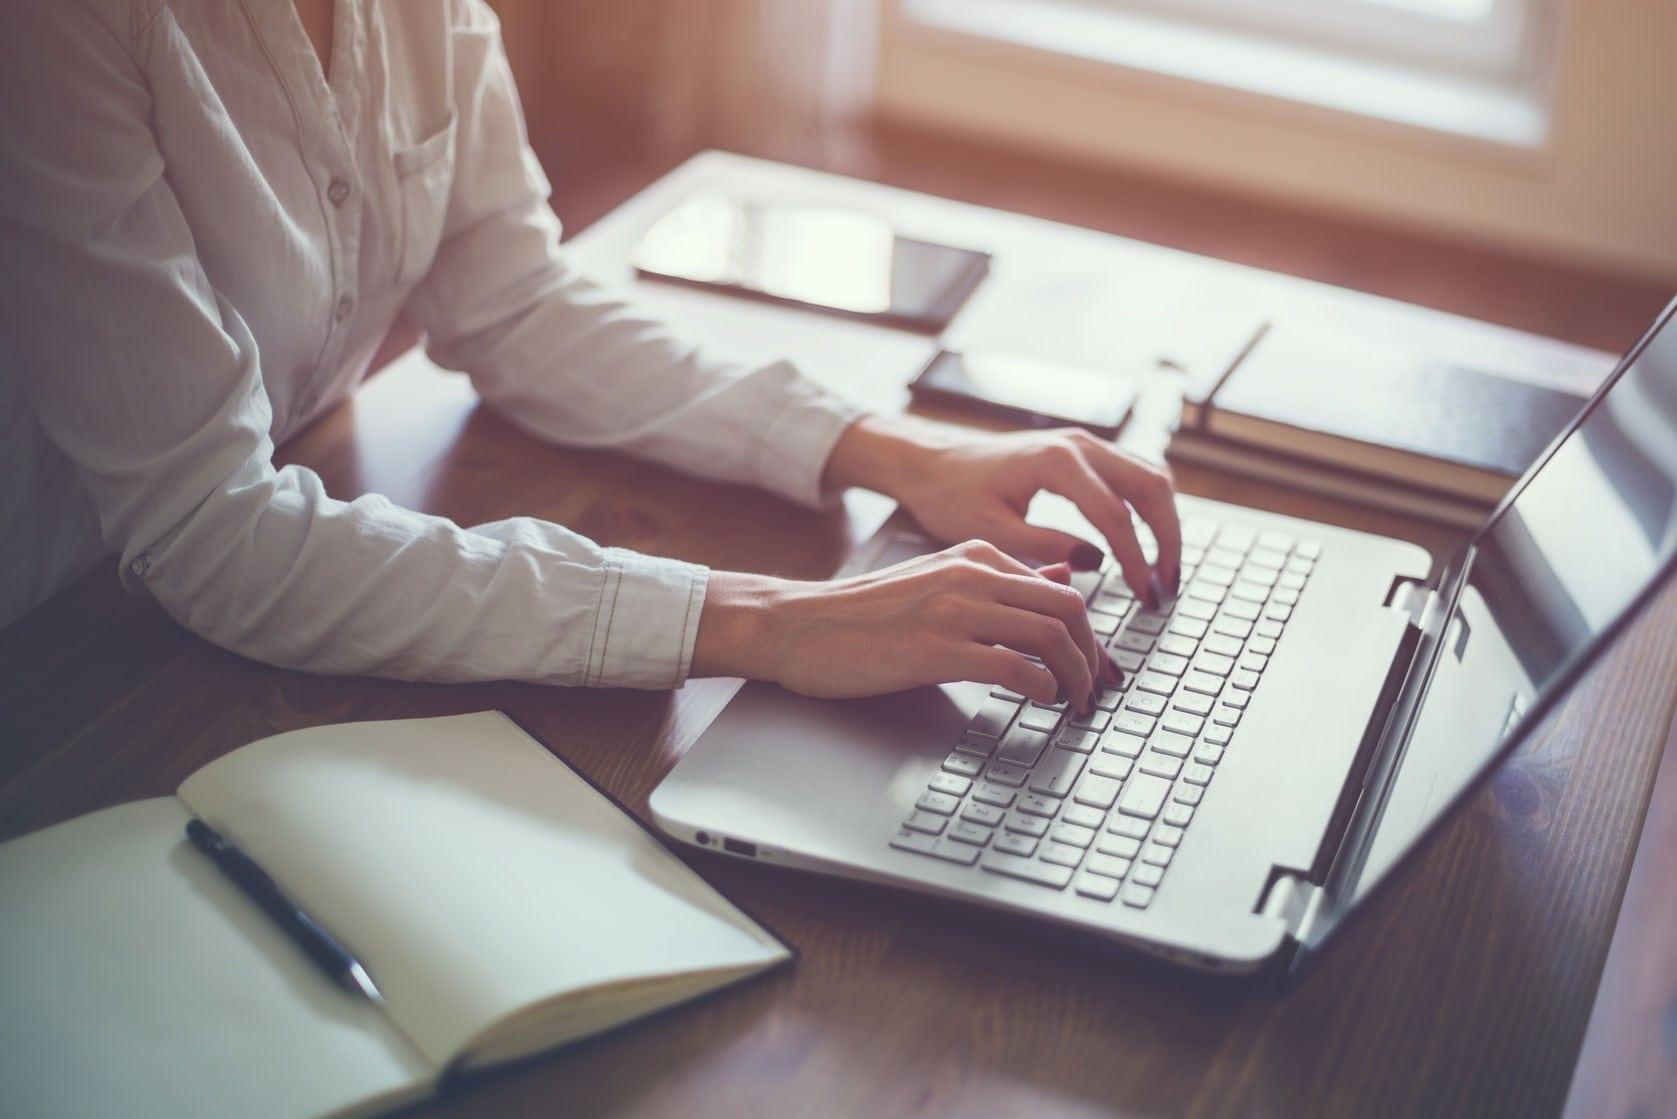 O que é o freesider digital? O curso que pode mudar a sua vida